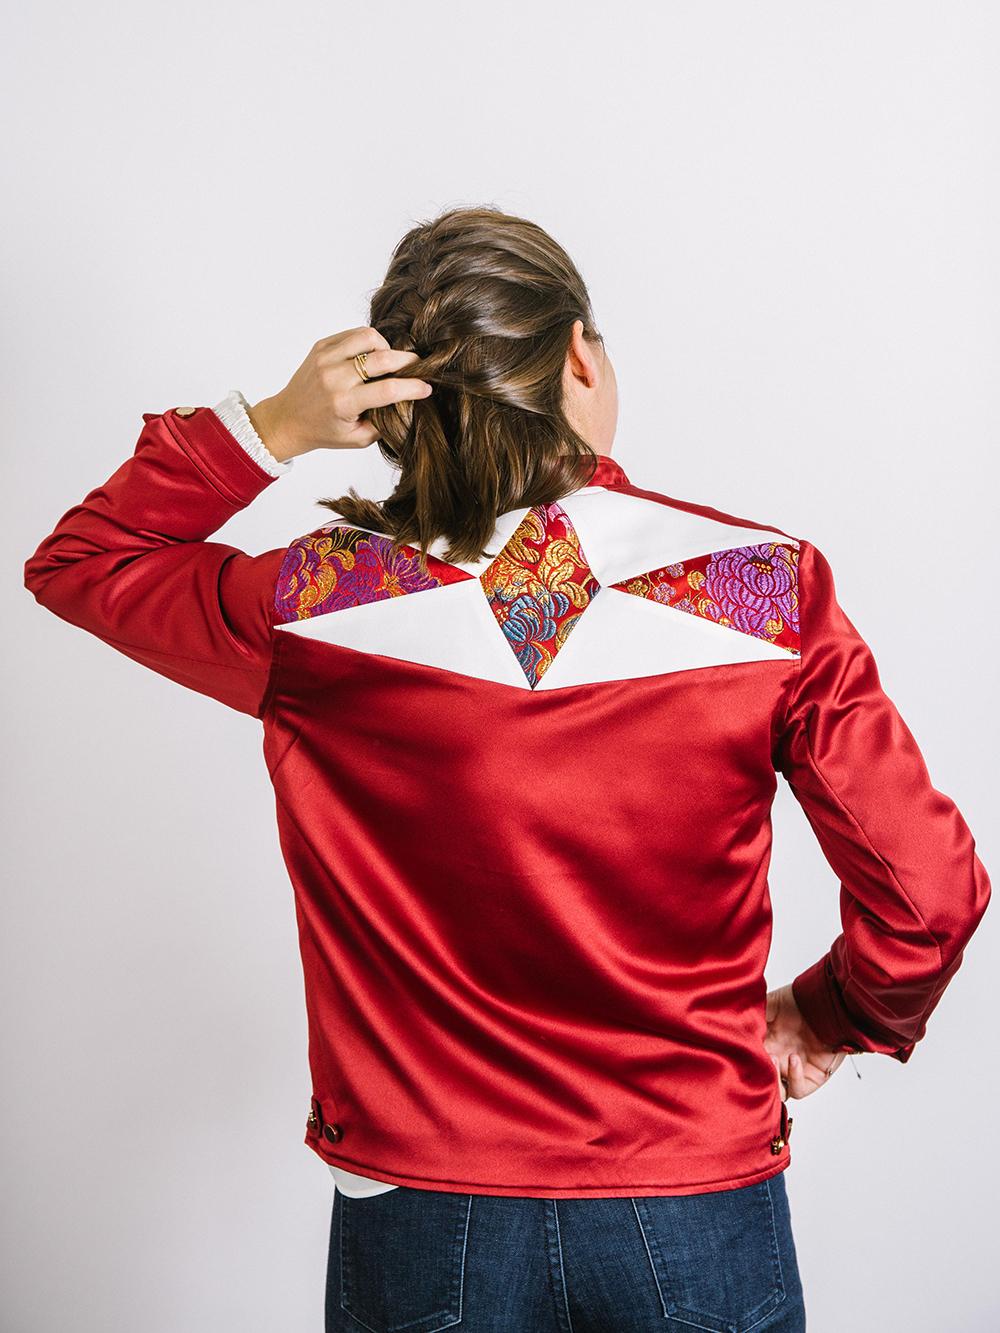 ACH : des vestes uniques au design graphique et coloré